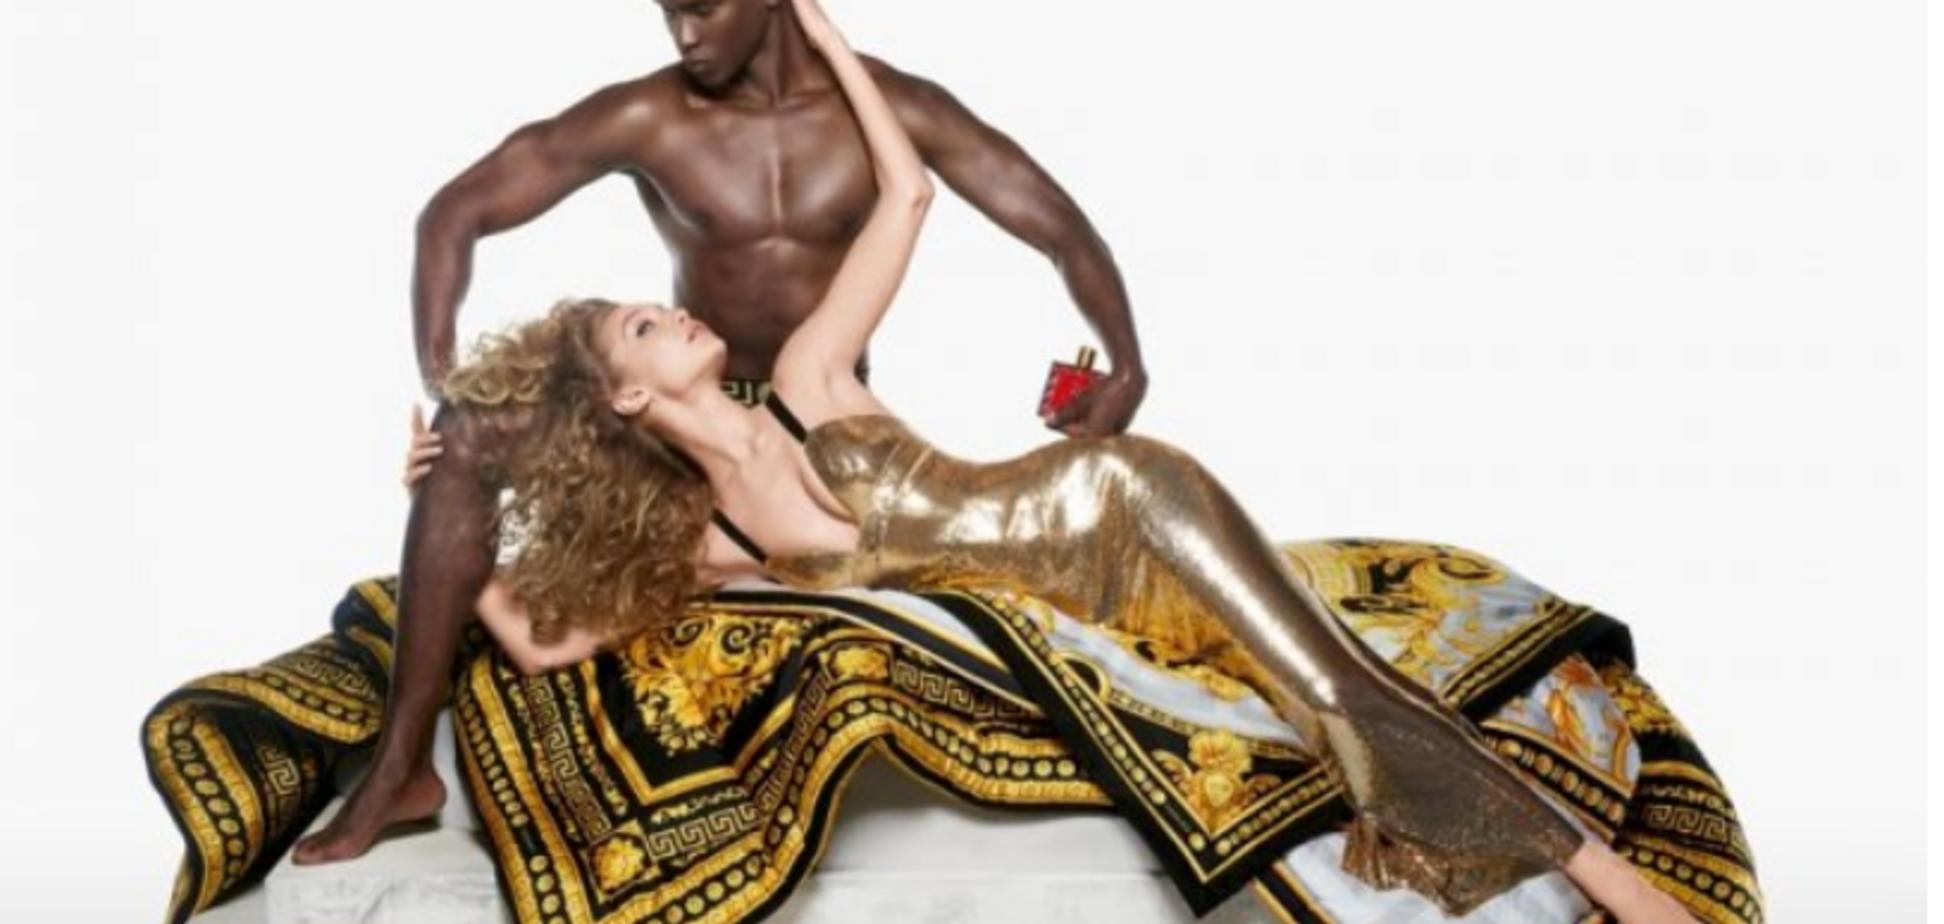 С оголенным мужчиной: самая дорогая модель мира пикантно прорекламировала культовый бренд